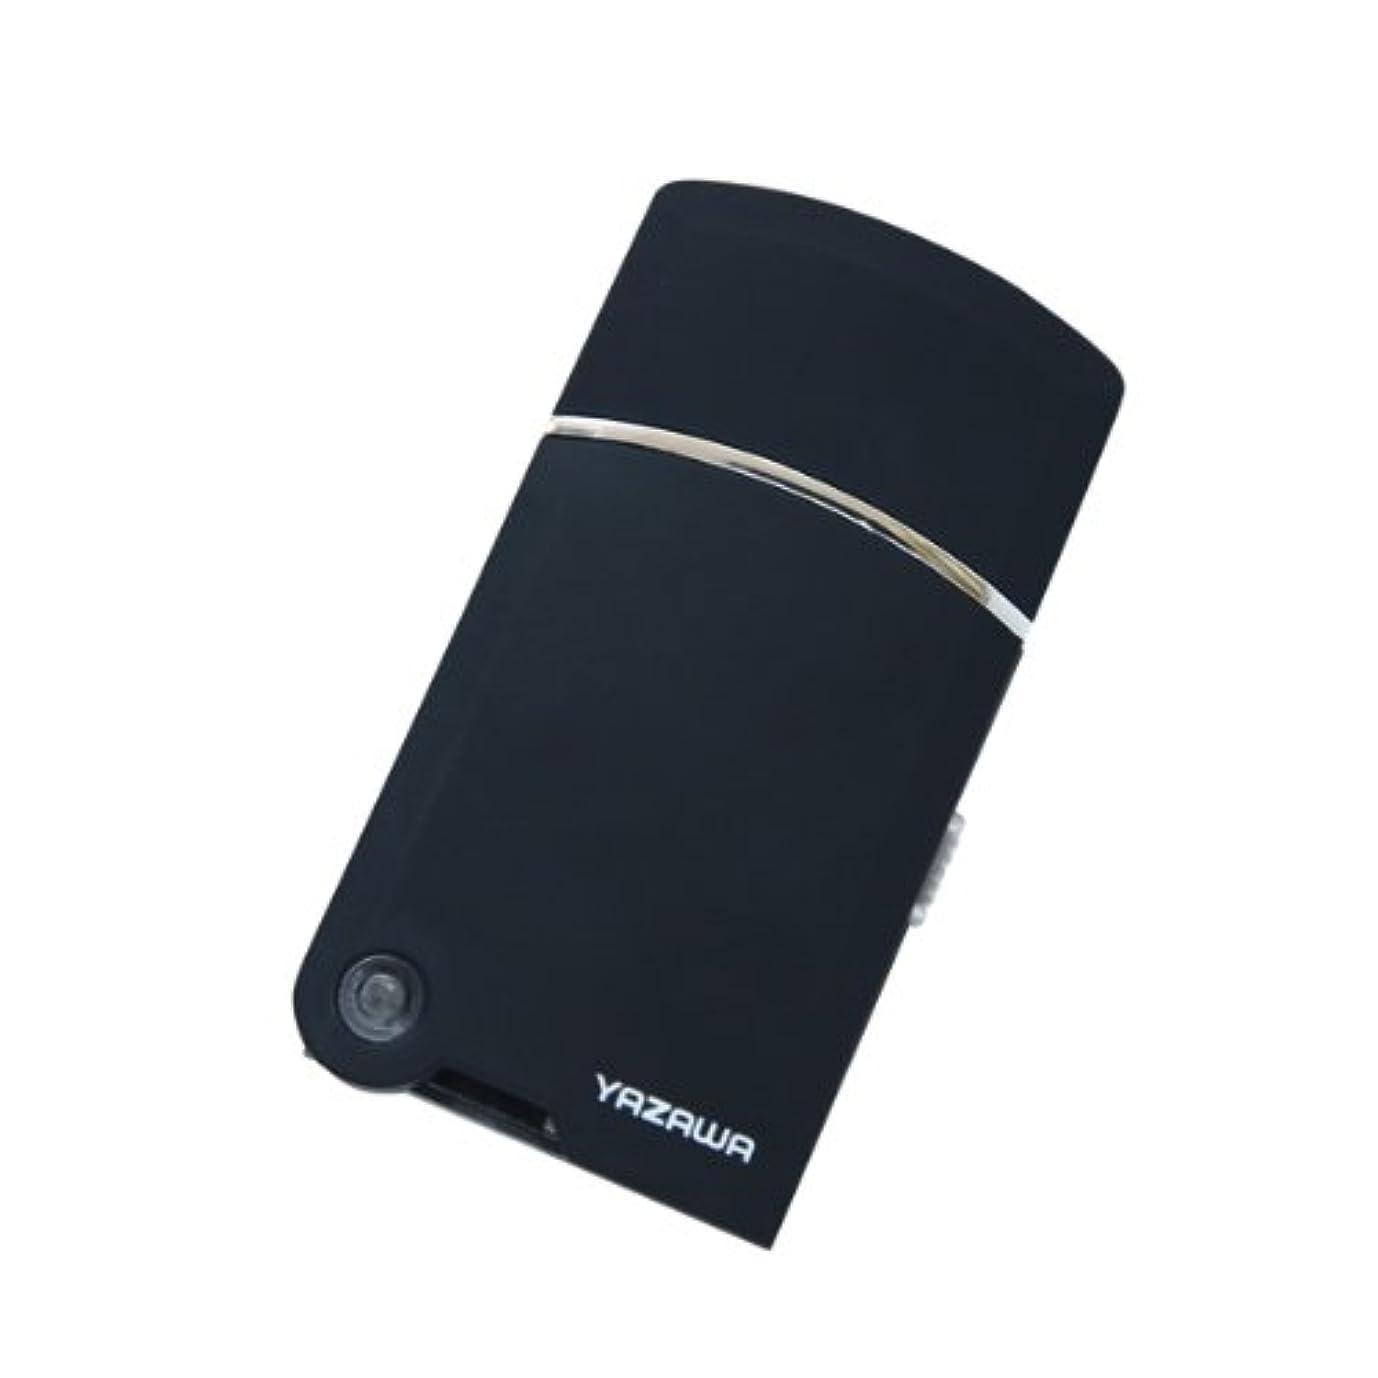 アラバマ思いやりのあるバイオリニストヤザワ トラベルUSBシェーバー USB充電式 掃除用ブラシ付き TVR08BK